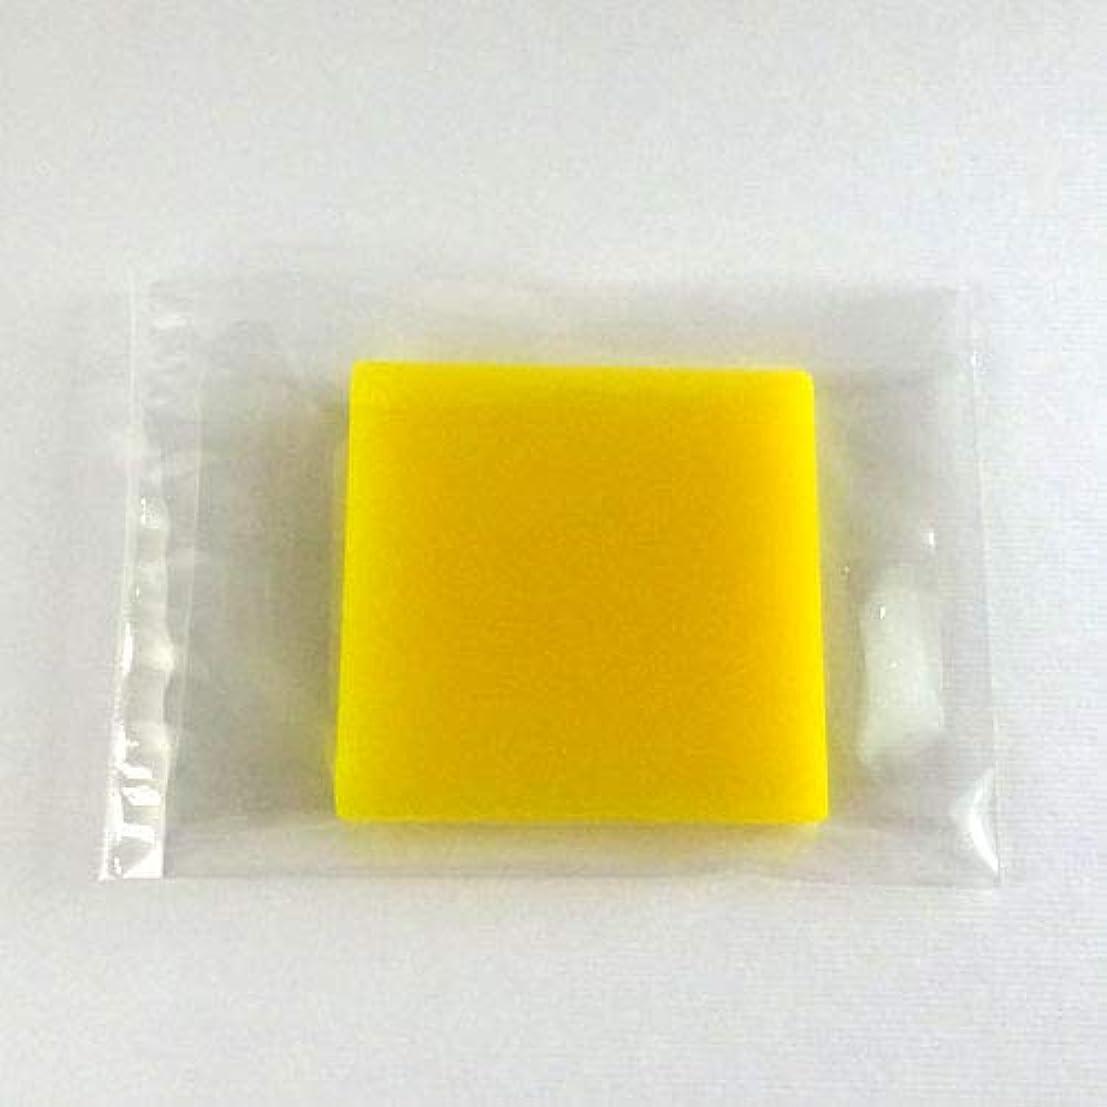 第写真撮影フェミニングリセリンソープ MPソープ 色チップ 黄(イエロー) 120g(30g x 4pc)